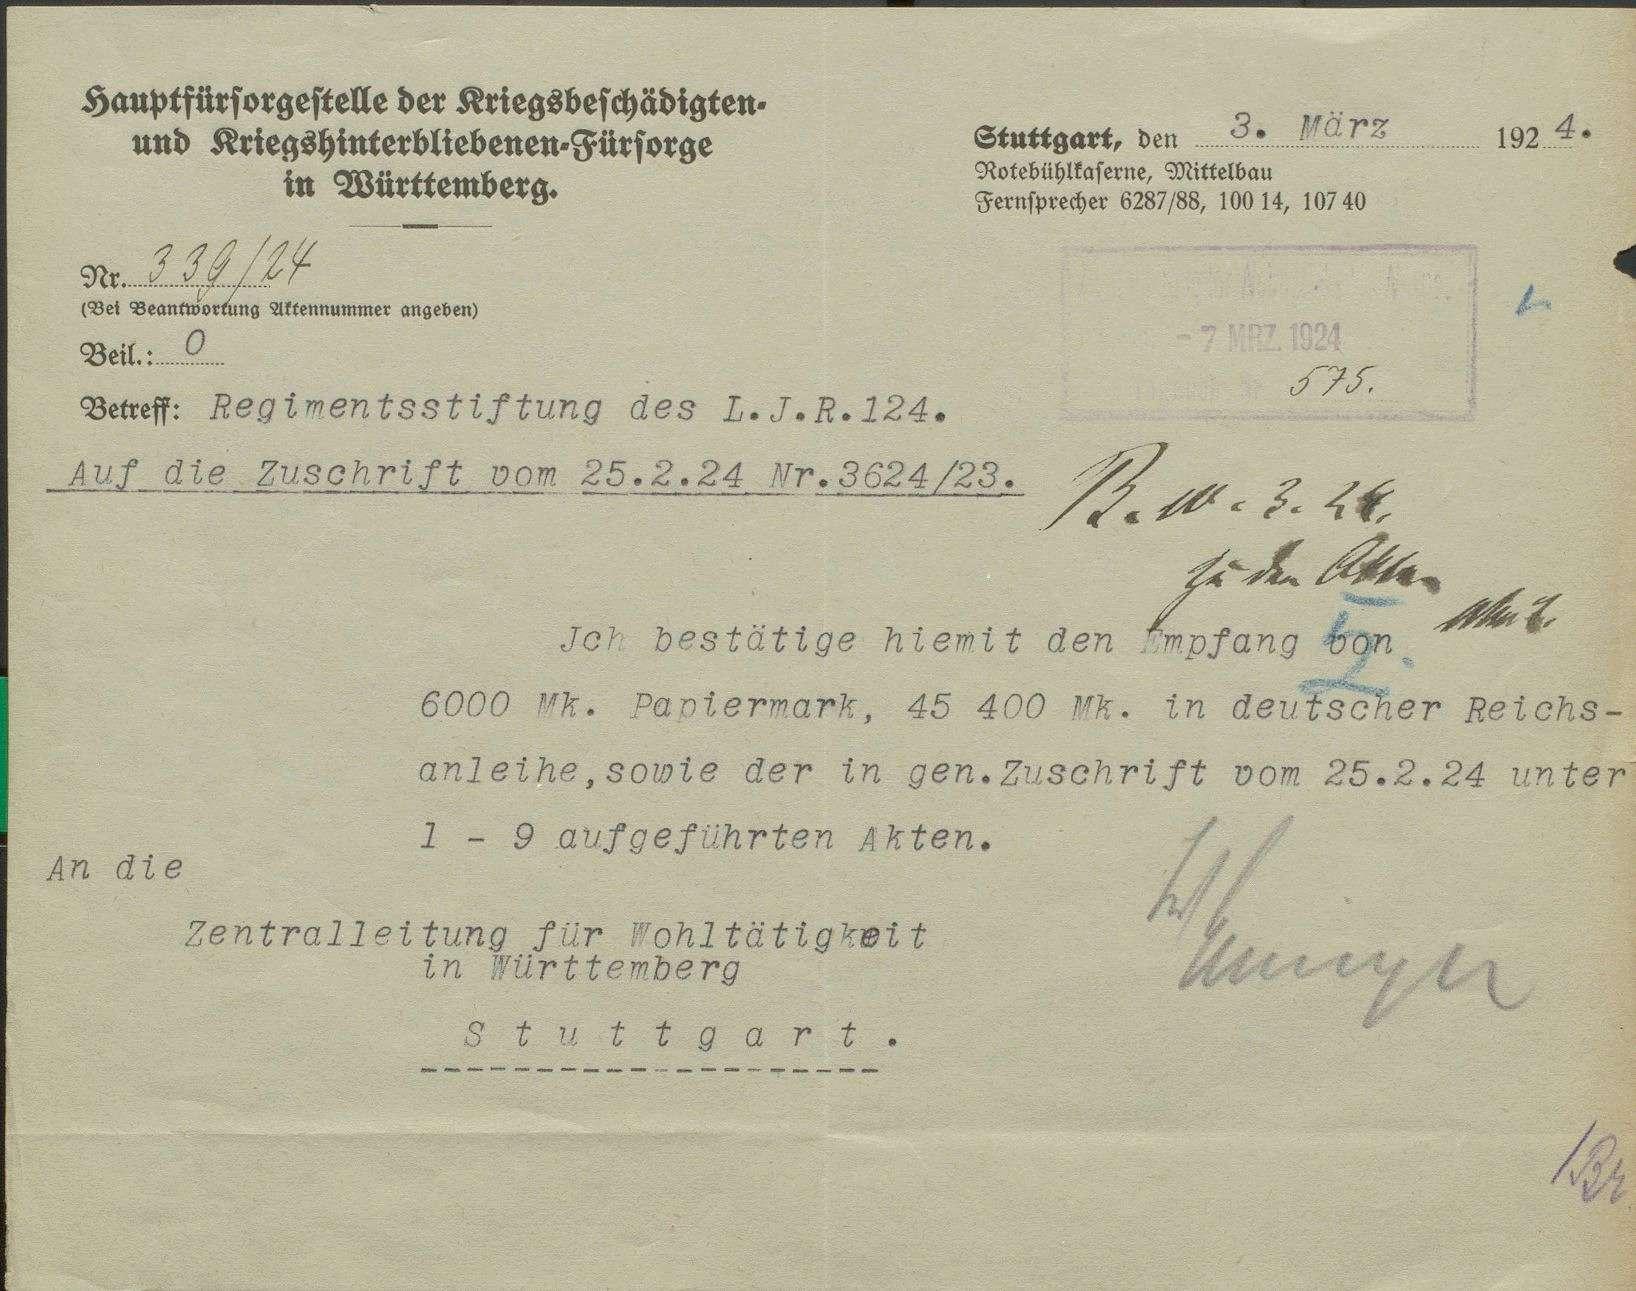 Unterstützungskasse des Landwehr-Inf. Reg. Nr. 124, Bild 1